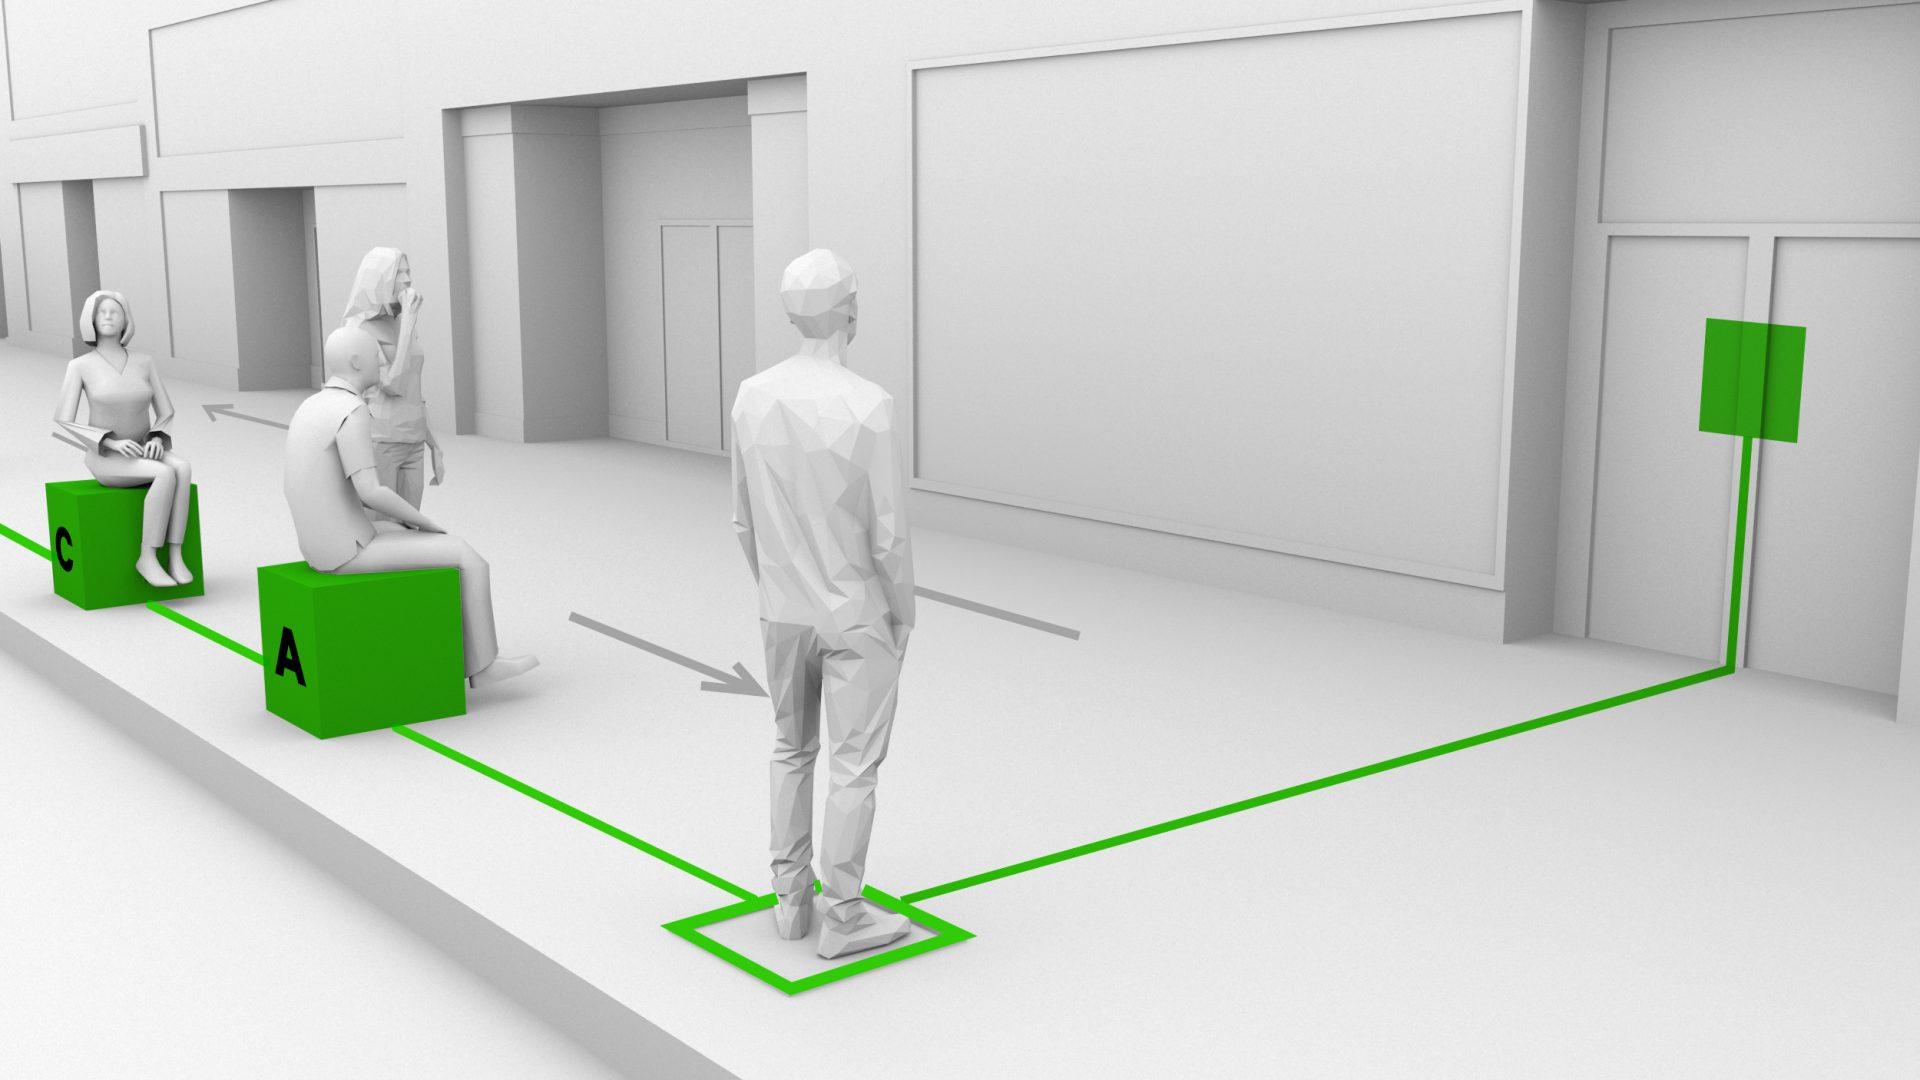 Signalétique et mobilier de gestion conviviale des files d'attentes - Prototype par Dix au Carré pour Destination centre-ville-3